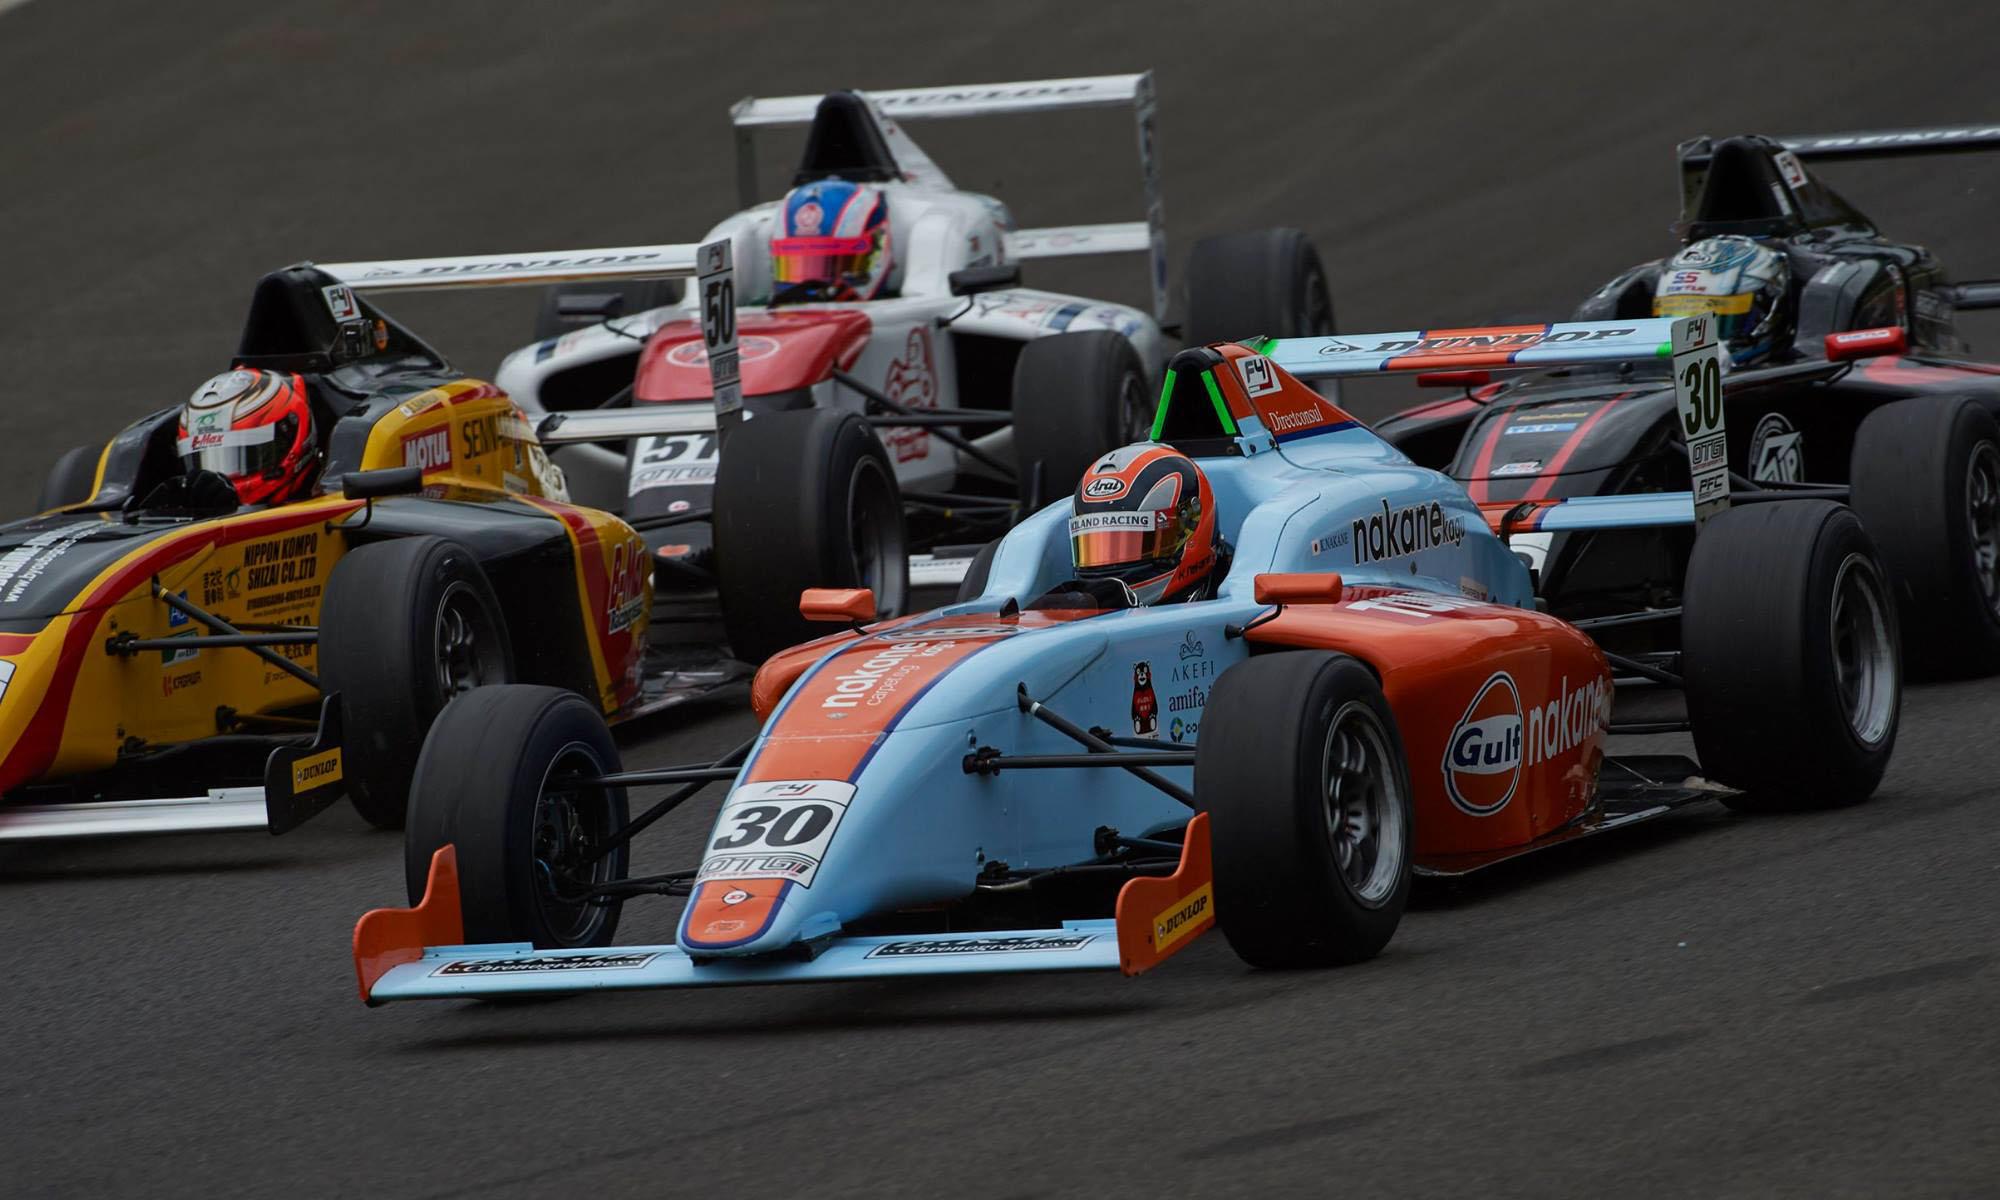 F4フォーミュラーでレースがしたい!